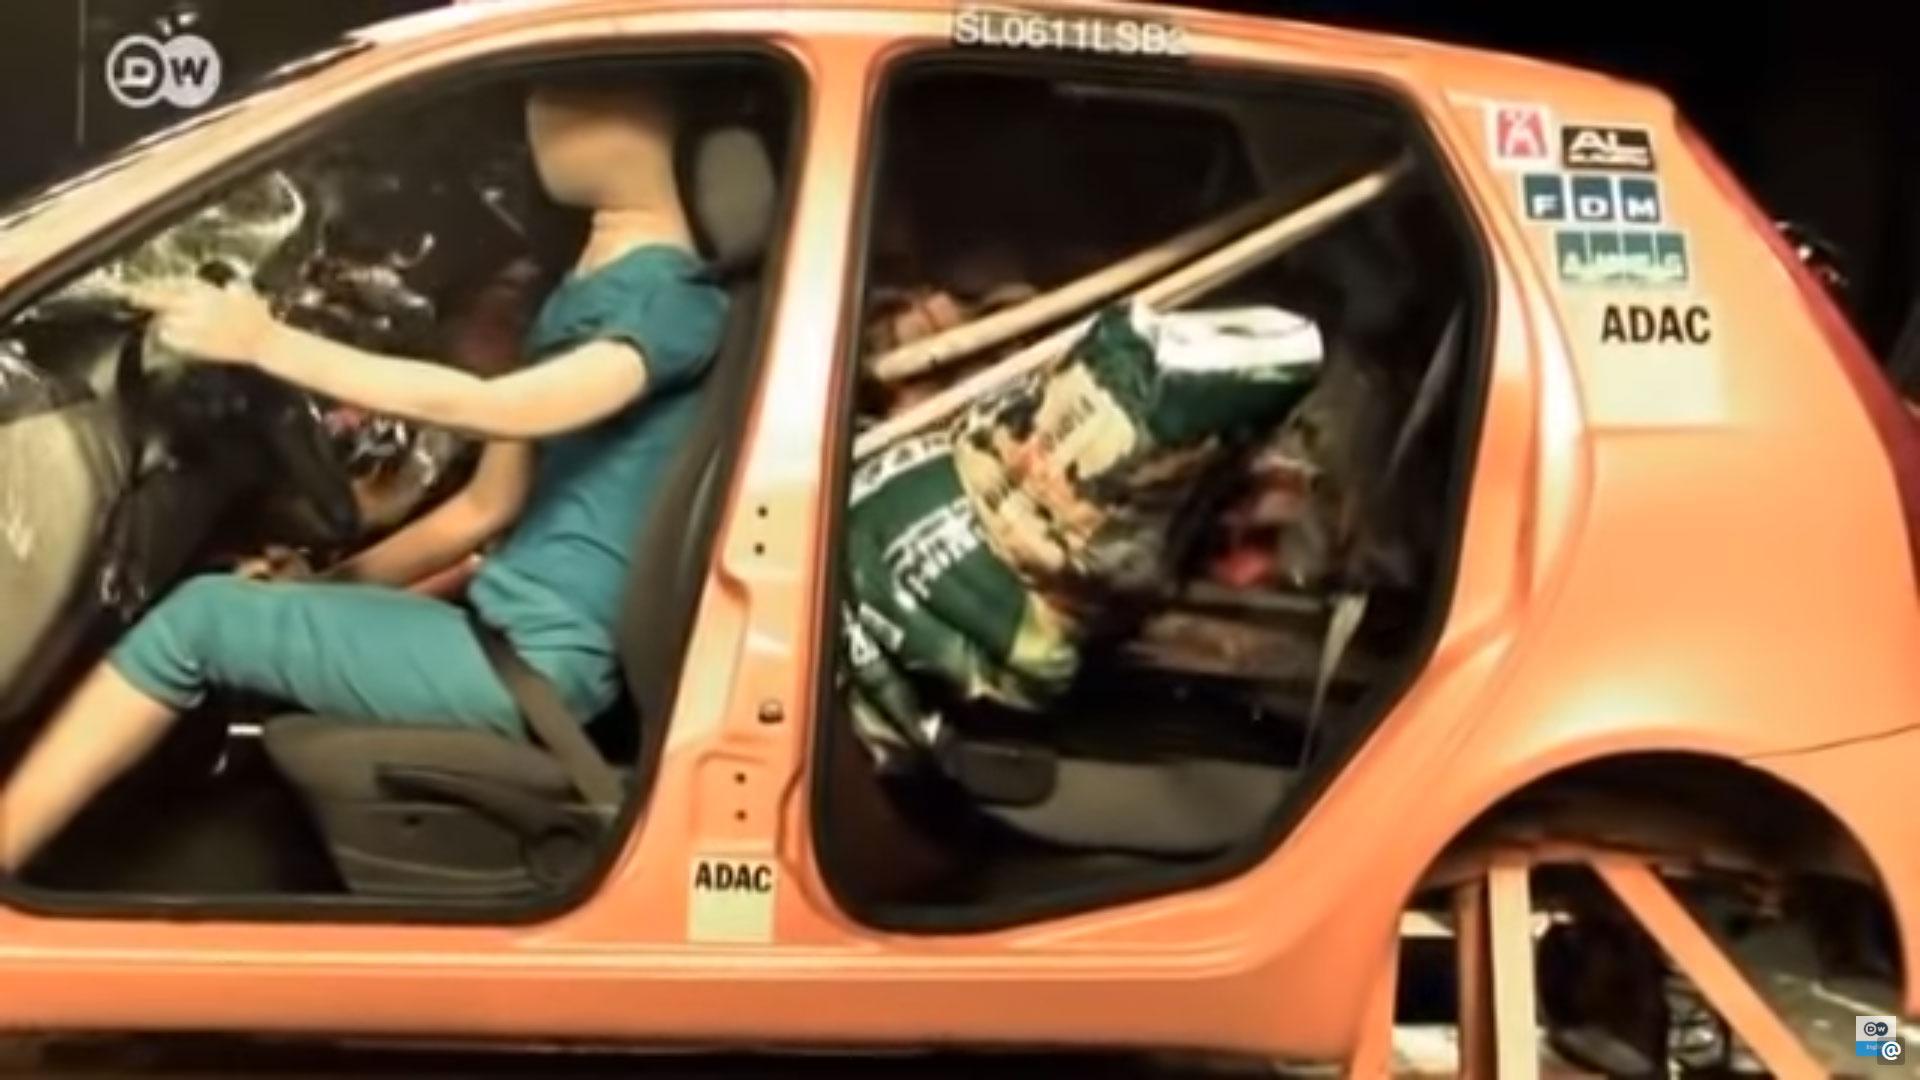 Losse troep in auto